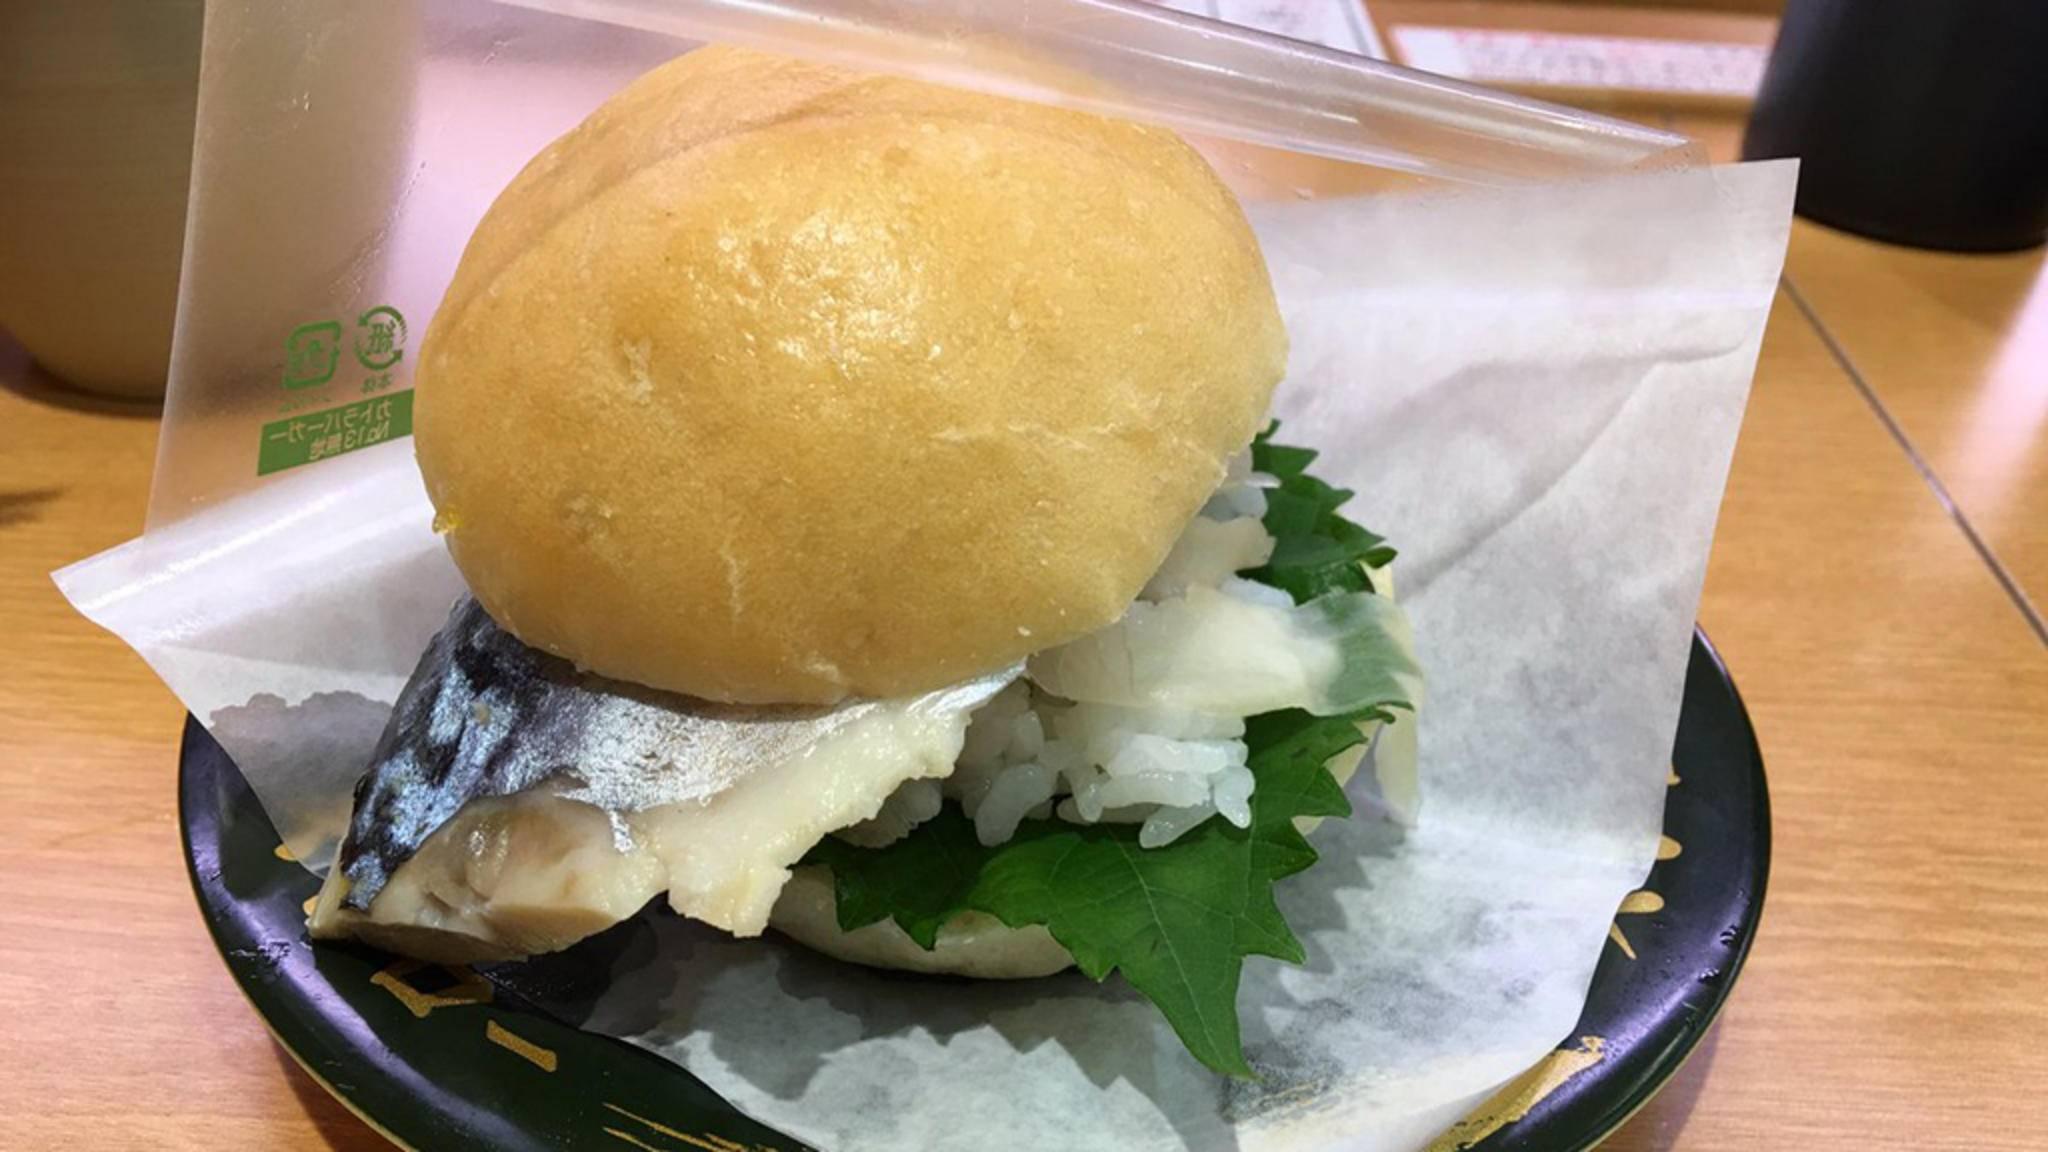 Der Sushi-Burger: Wer möchte da nicht reinbeißen?